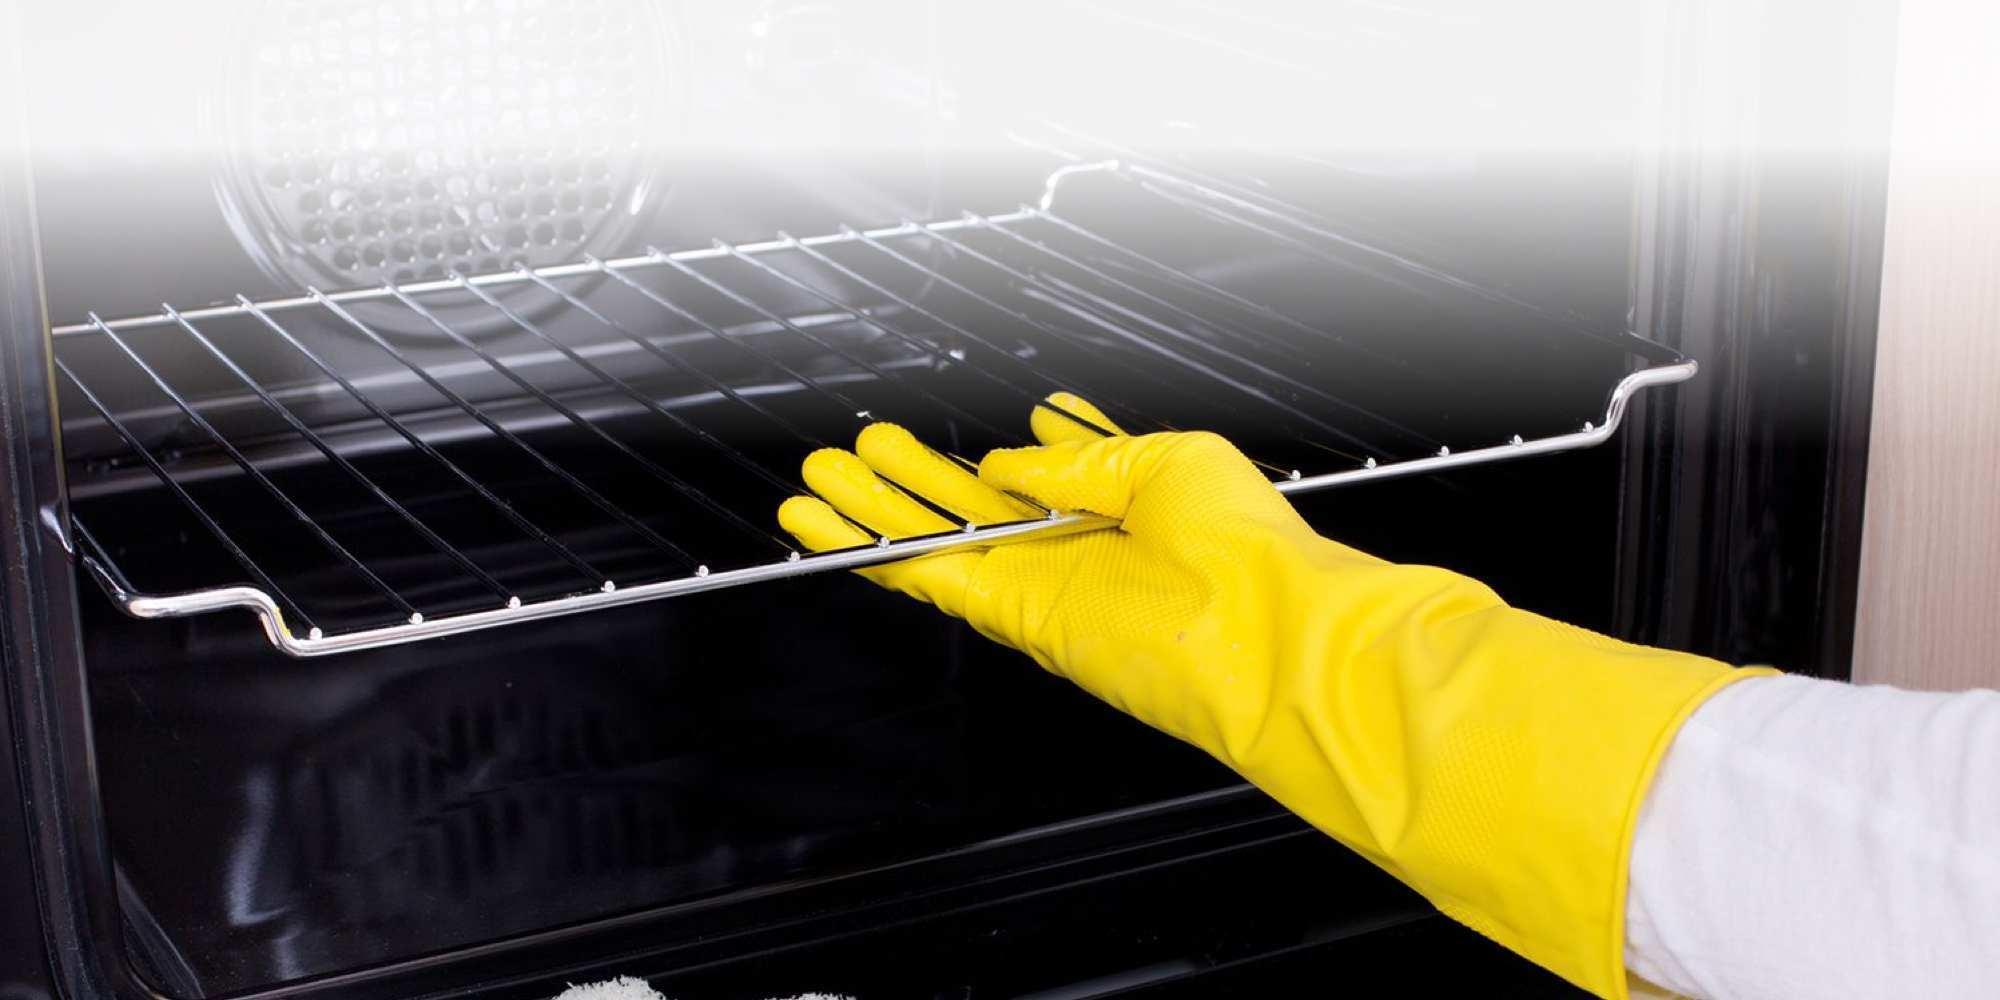 Cómo limpiar el horno, paso a paso